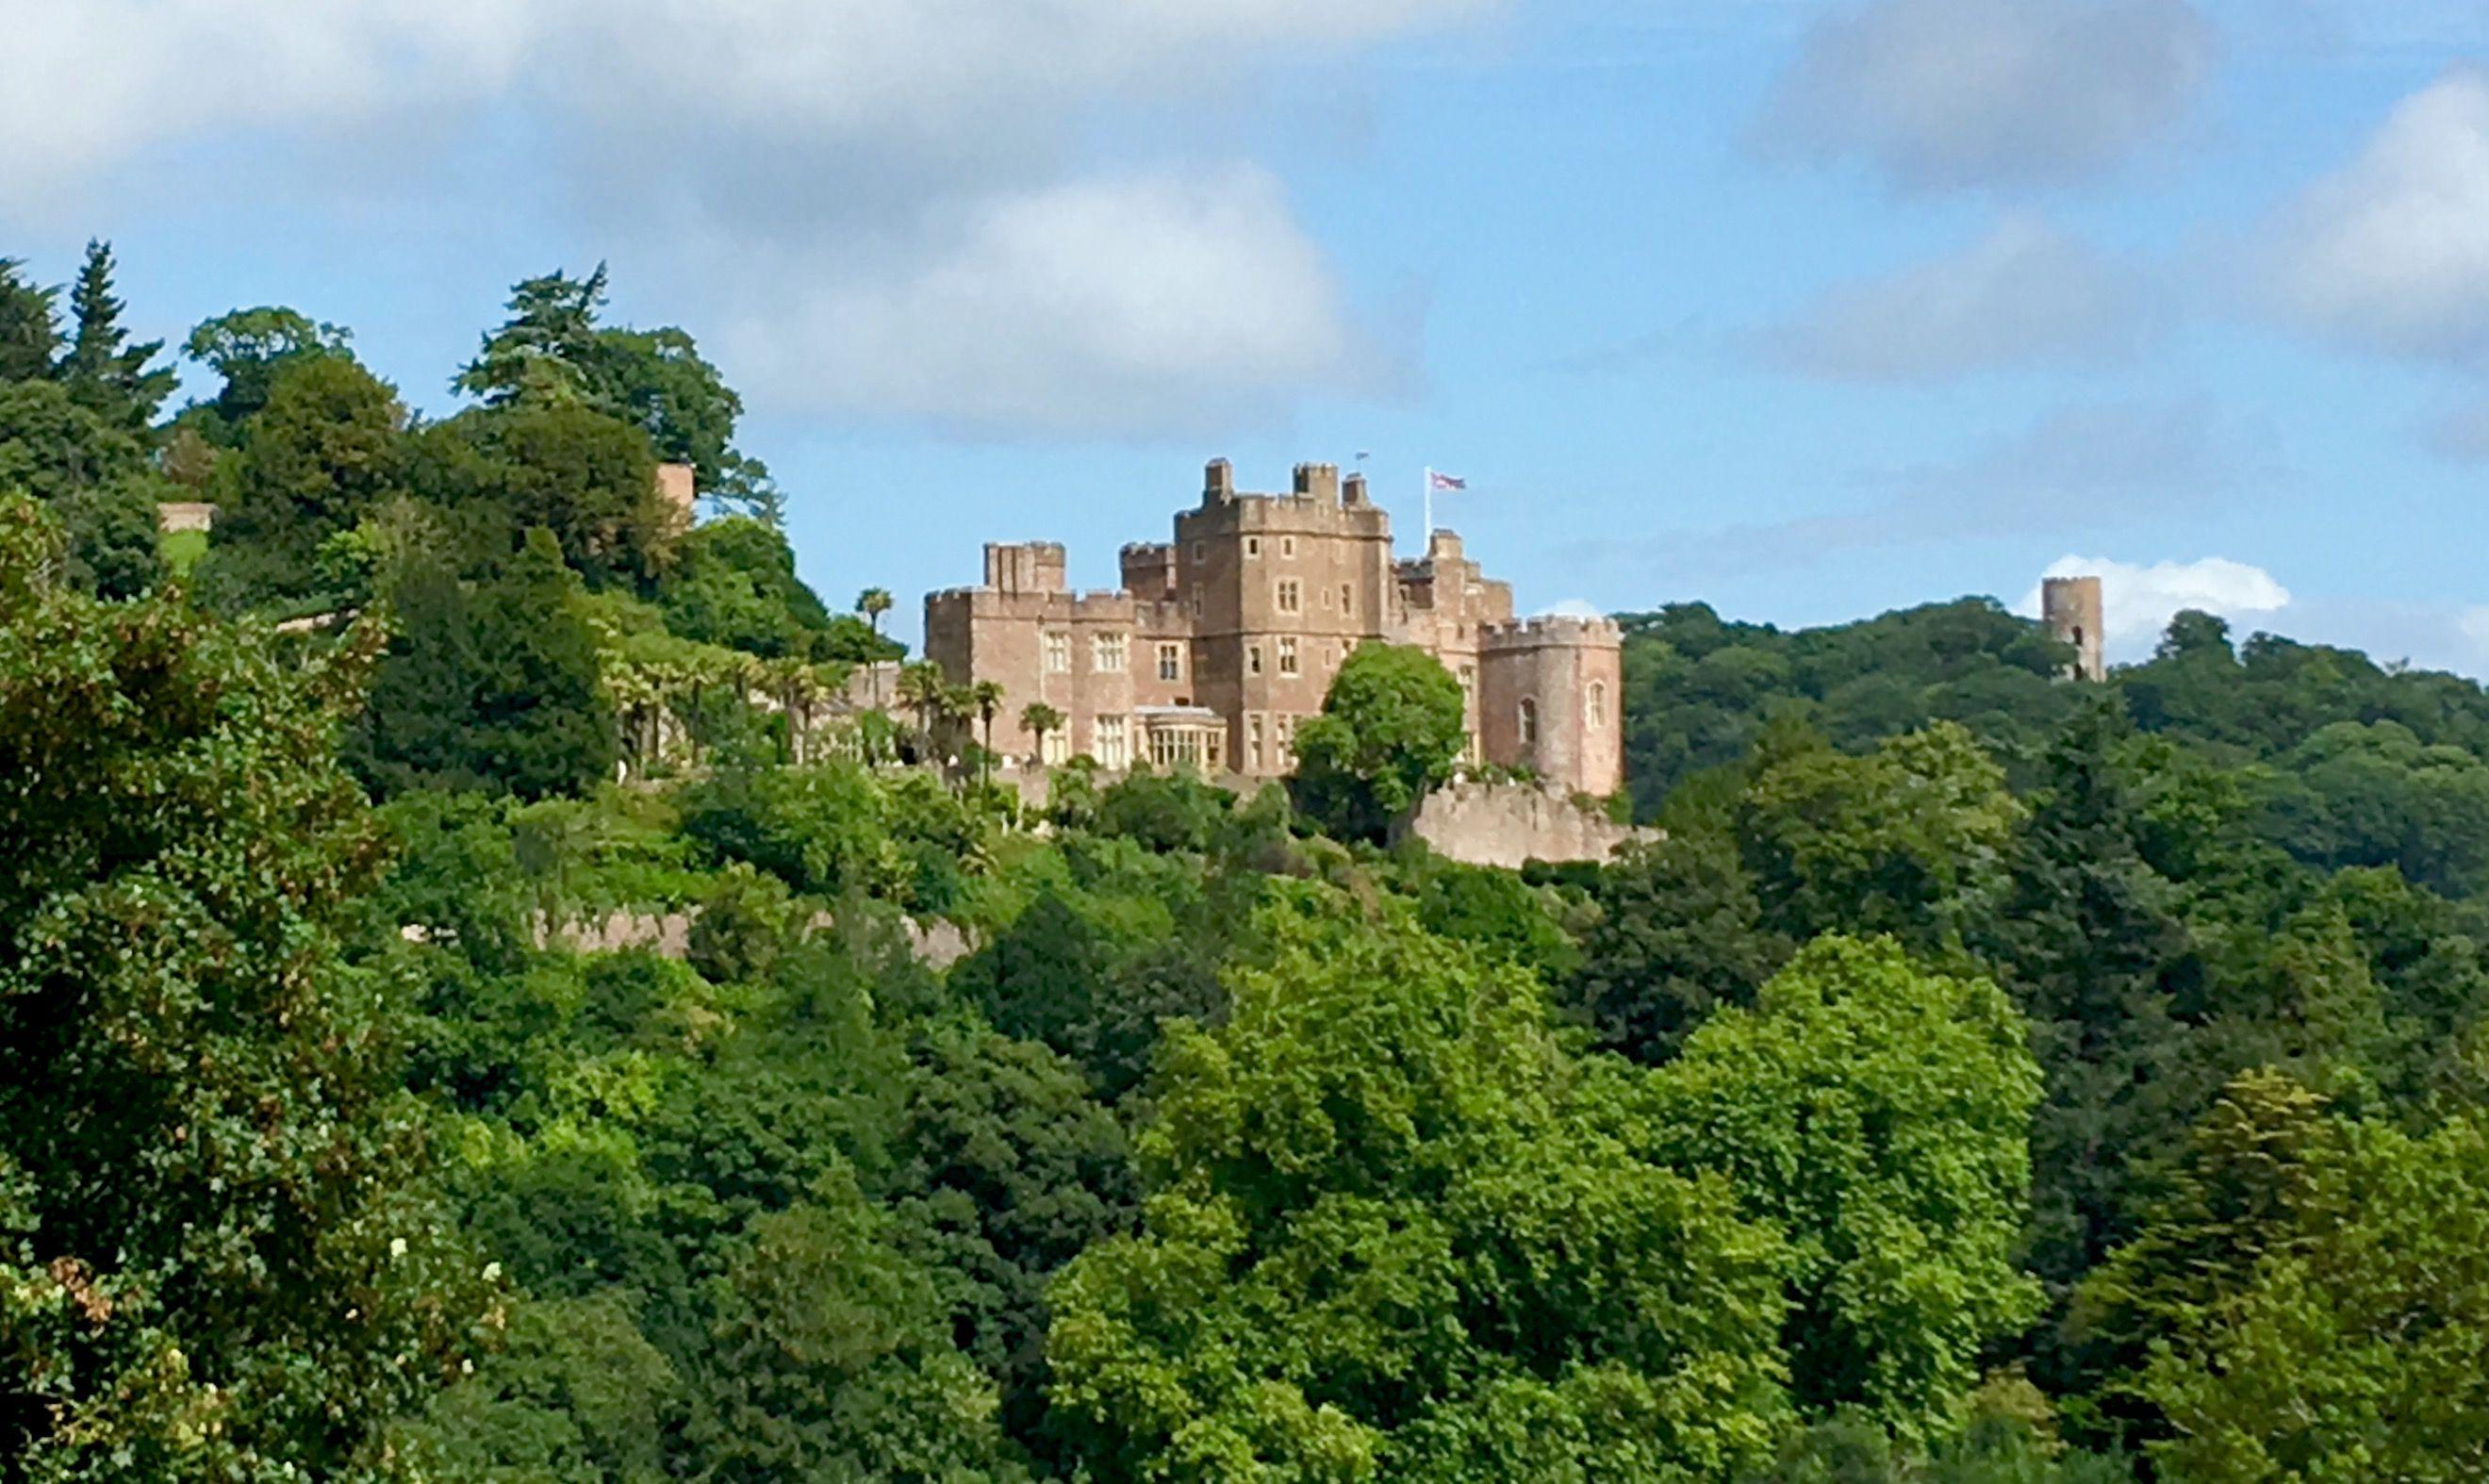 Dunster Castle from The Deer Park, Dunster, Somerset.